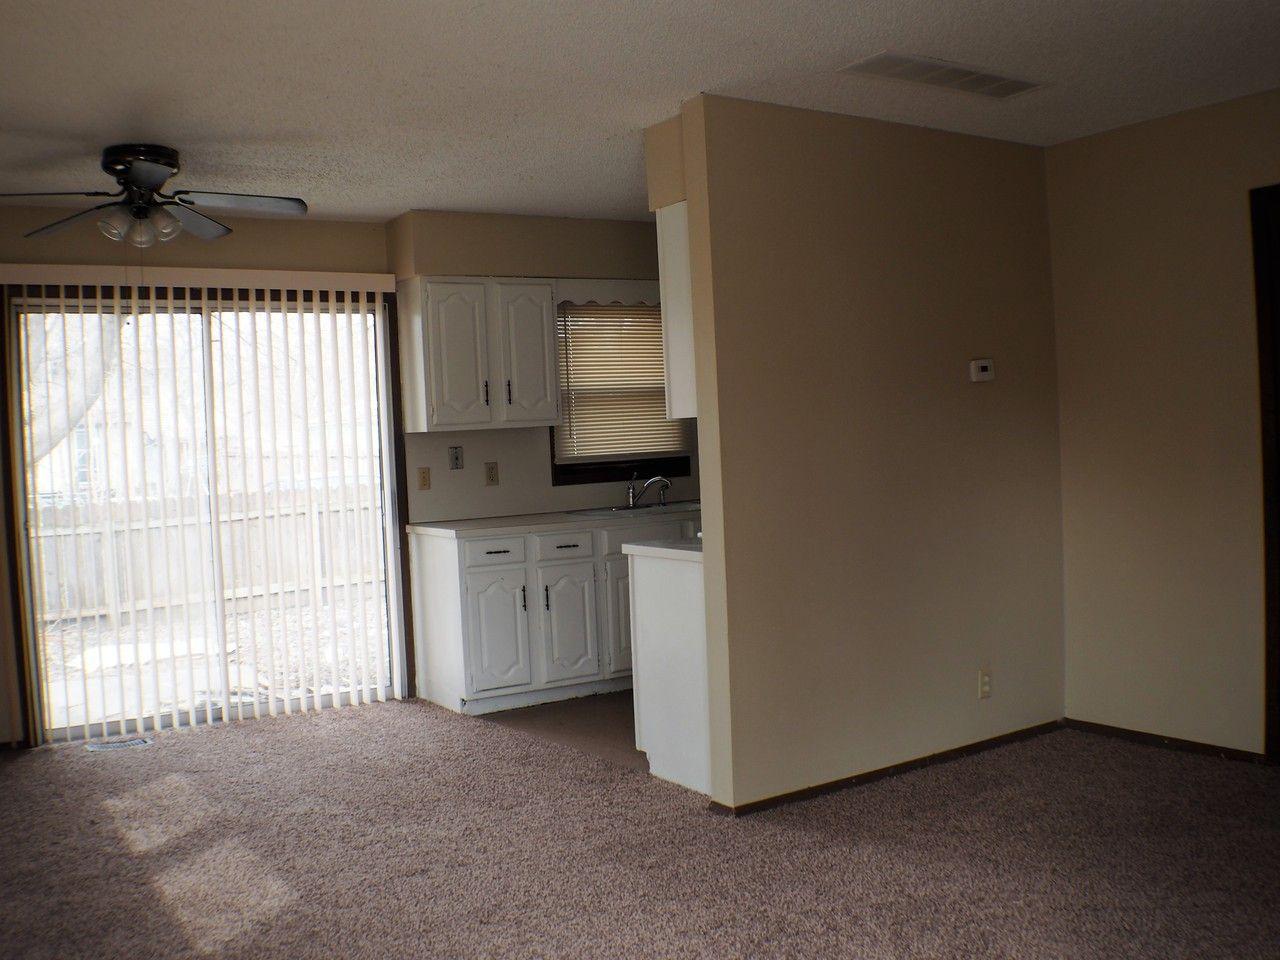 437 N Millwood St 2 Wichita Ks 67203 2 Bedroom House